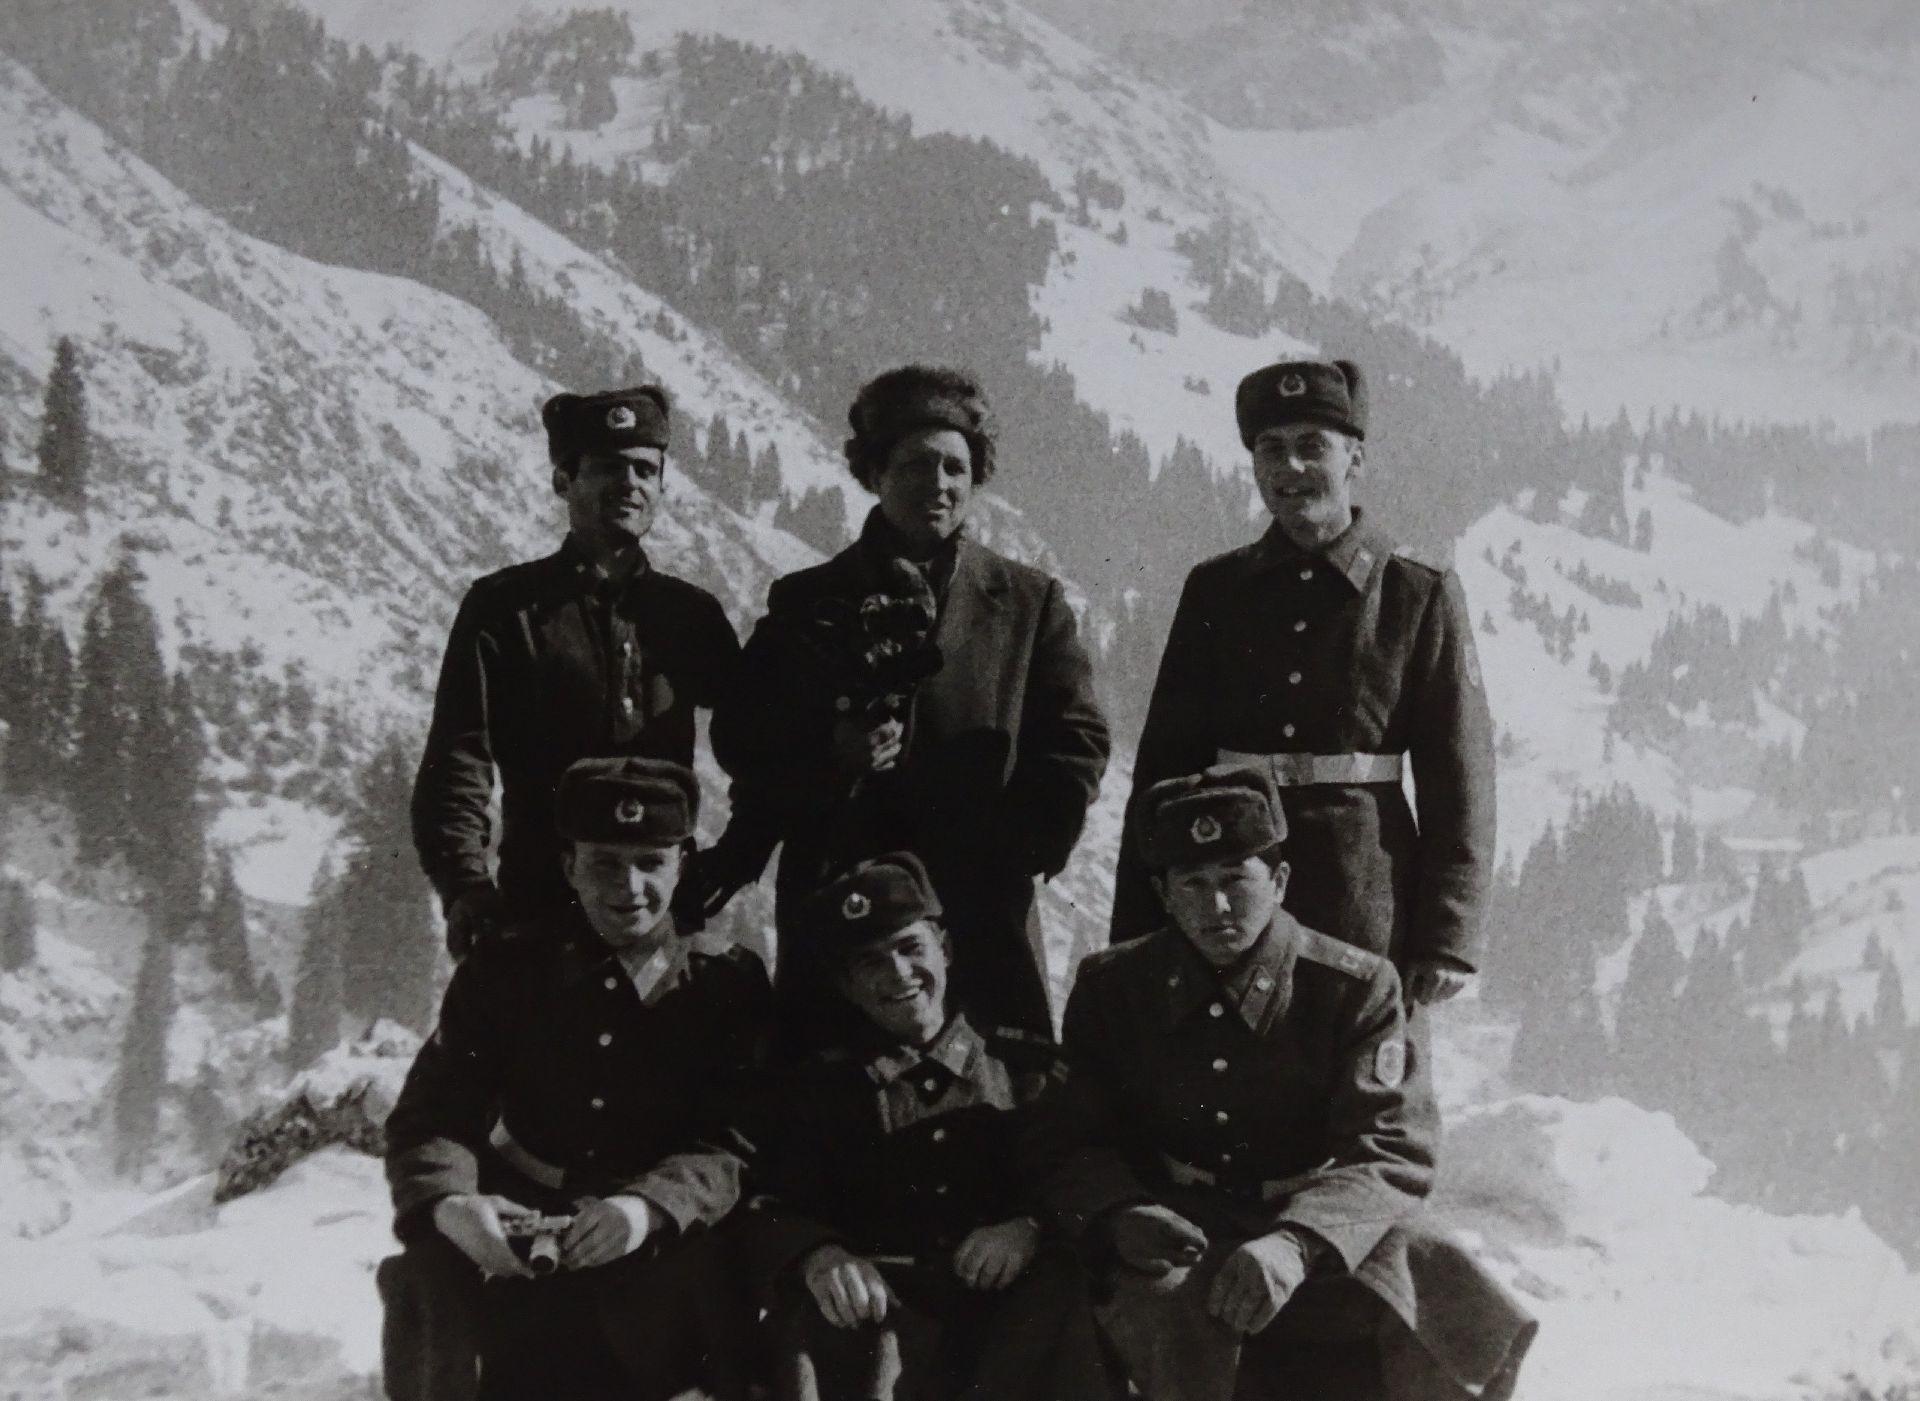 Экспонат #16. Алма-Ата. Февраль 1976 года